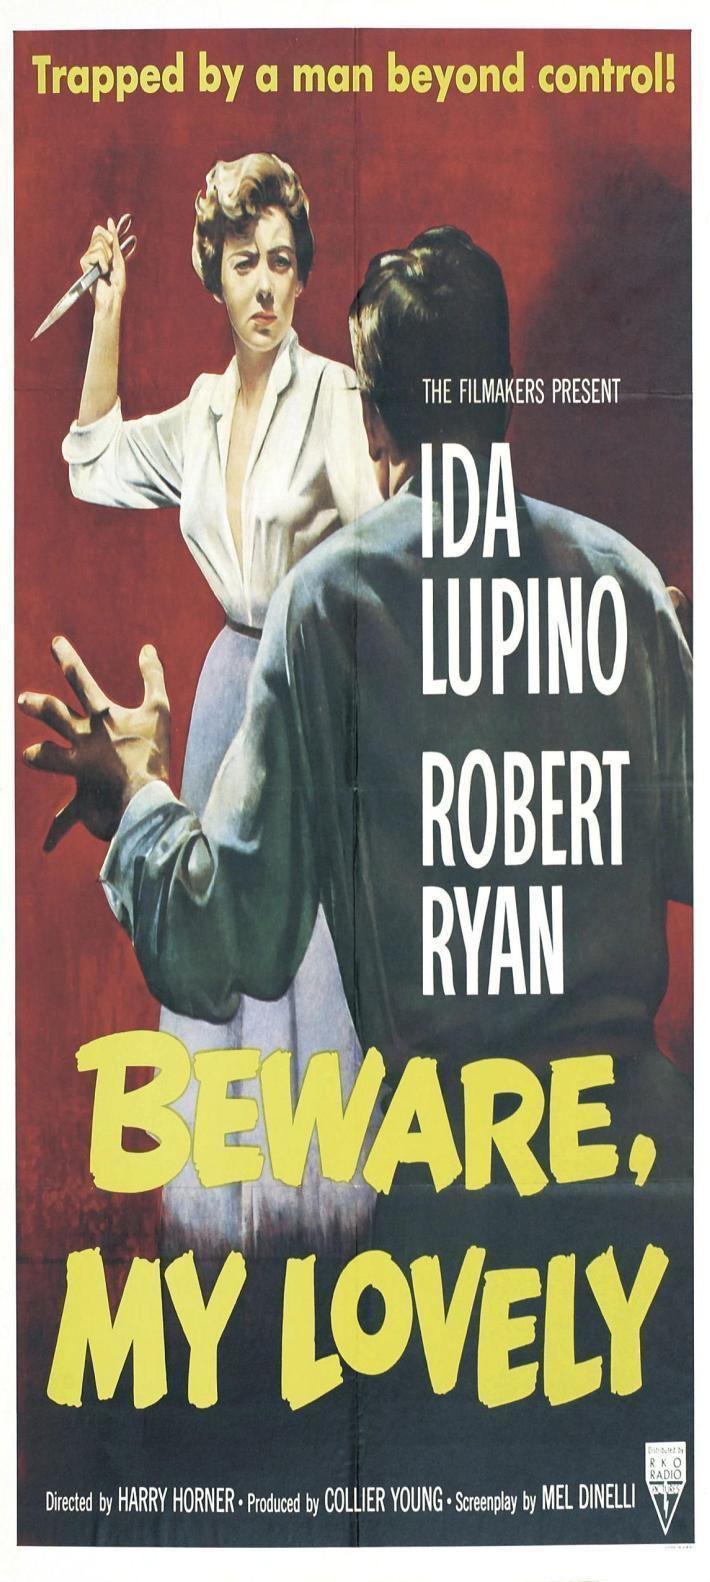 Beware, My Lovely Escravo de Si Mesmo Beware My Lovely Harry Horner 1952 Quixotando